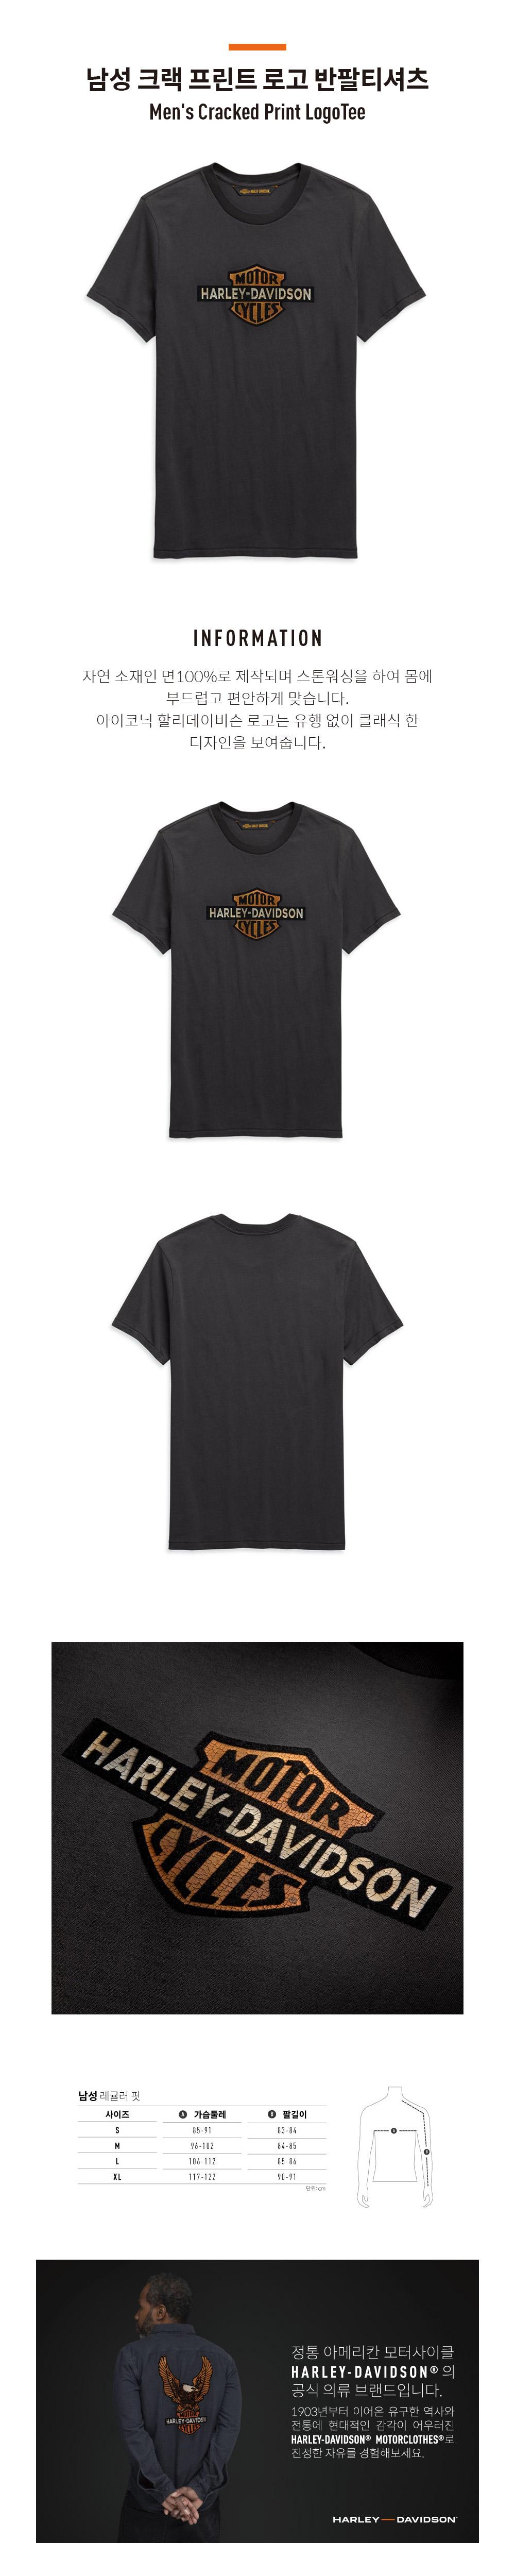 남성 크랙 프린트 로고 반팔티셔츠